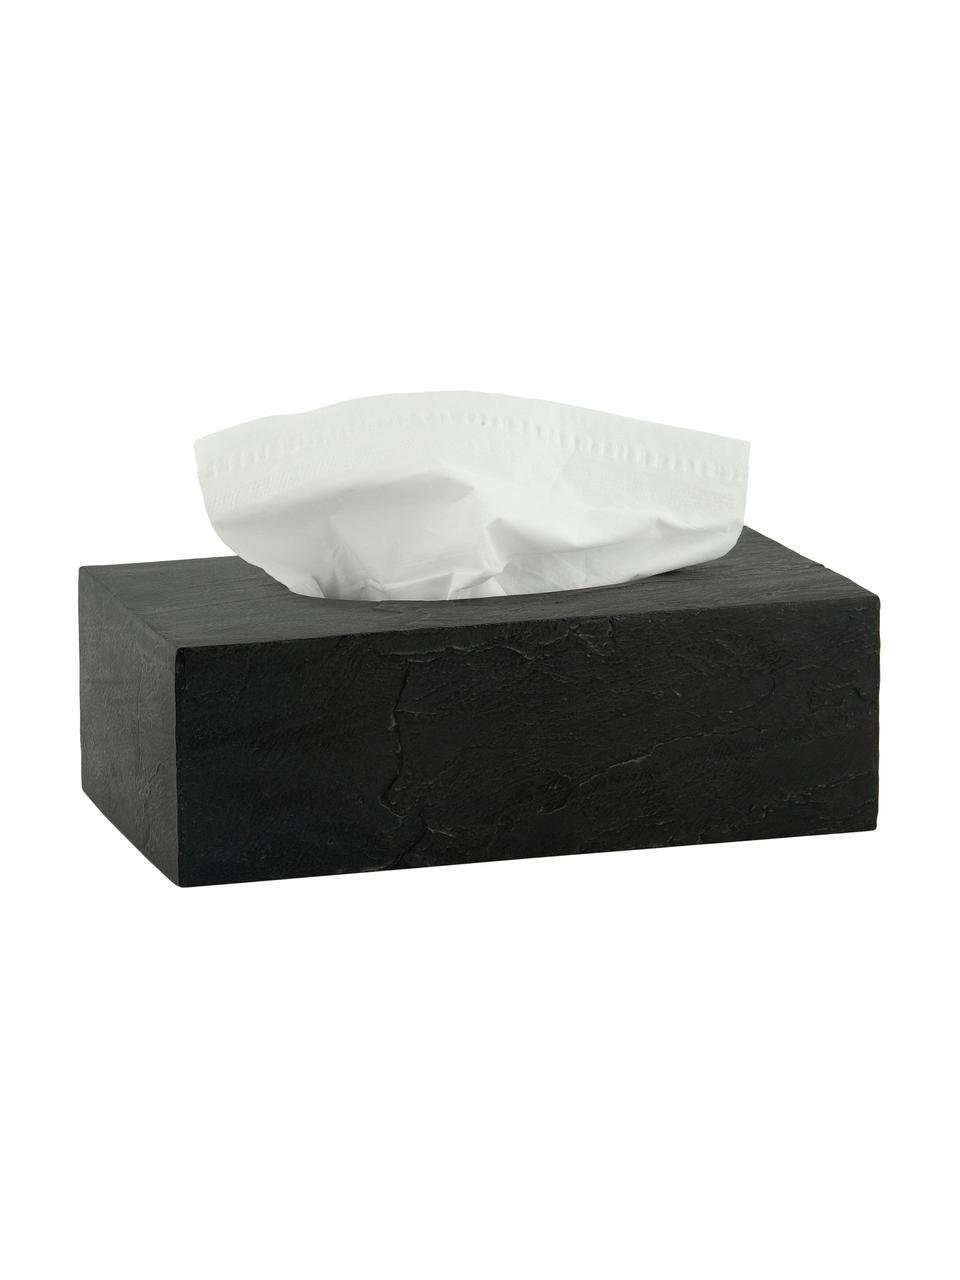 Pudełko na chusteczki Slate, Poliresing, Czarny, S 26 x W 9 cm